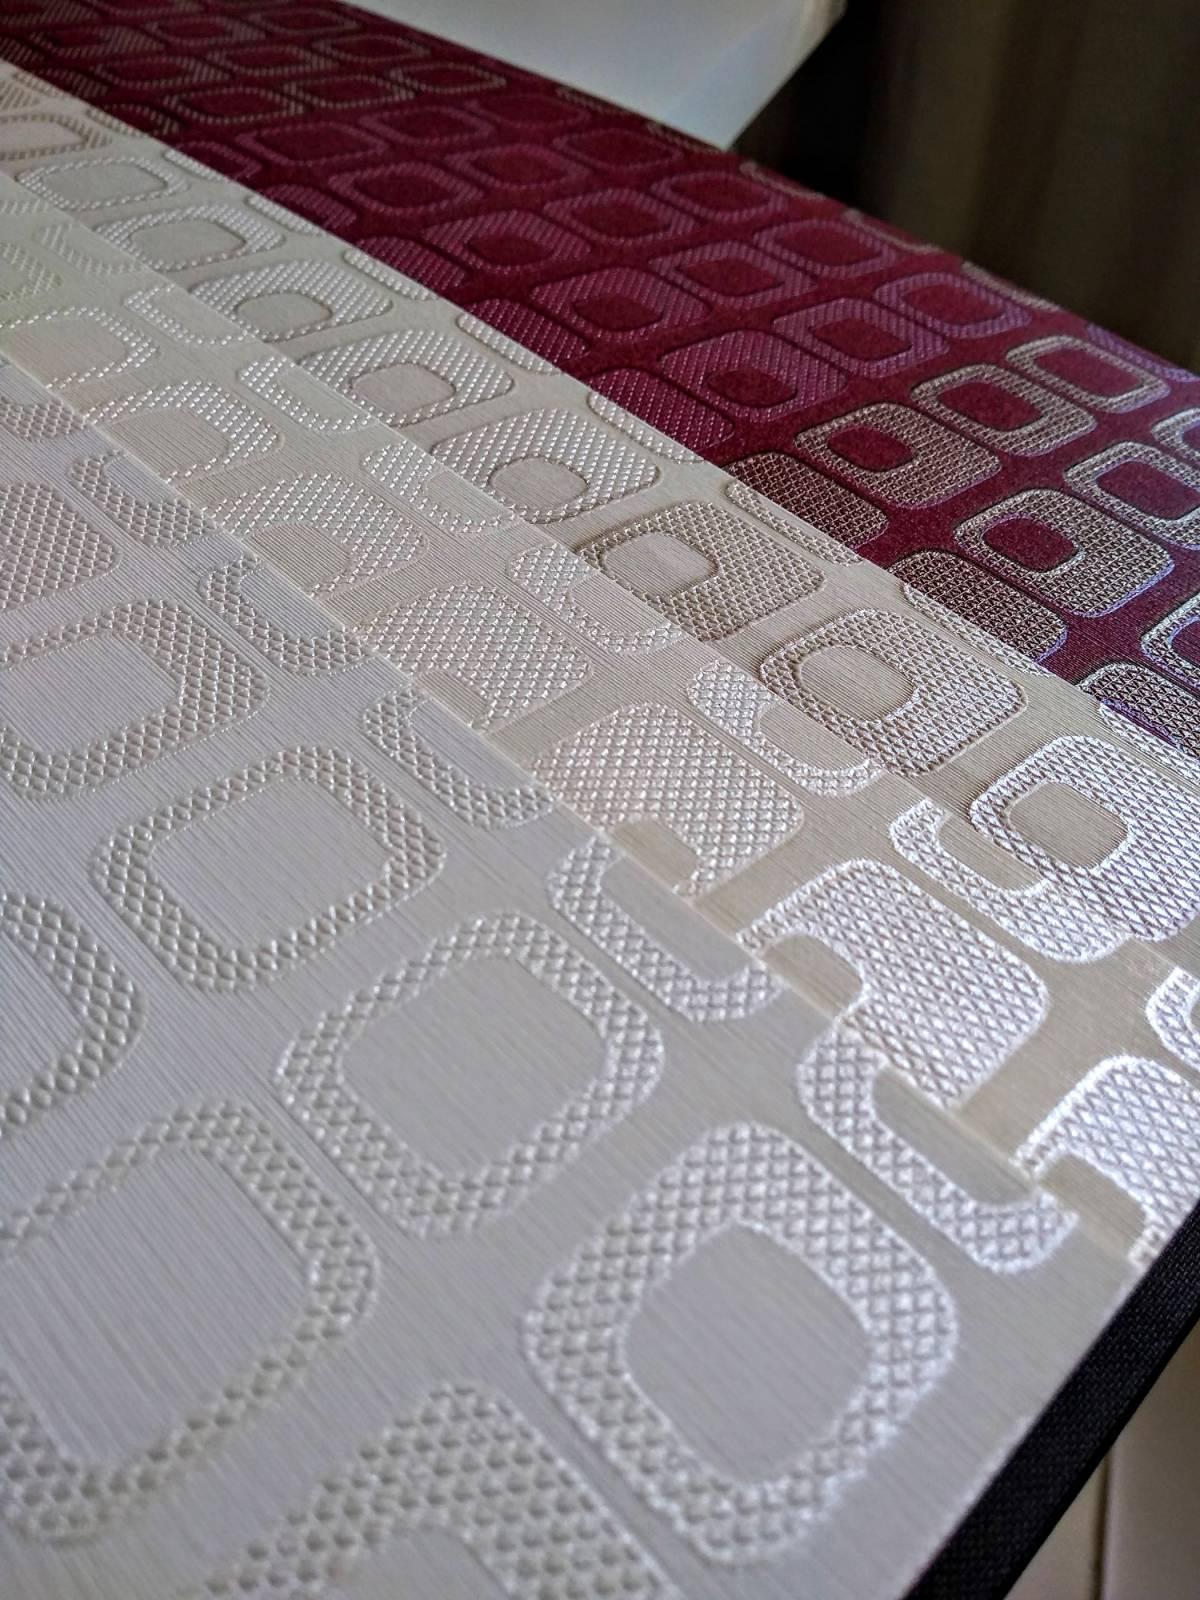 Papel de Parede Texturizado cor Vinho MT780308 imagem 2